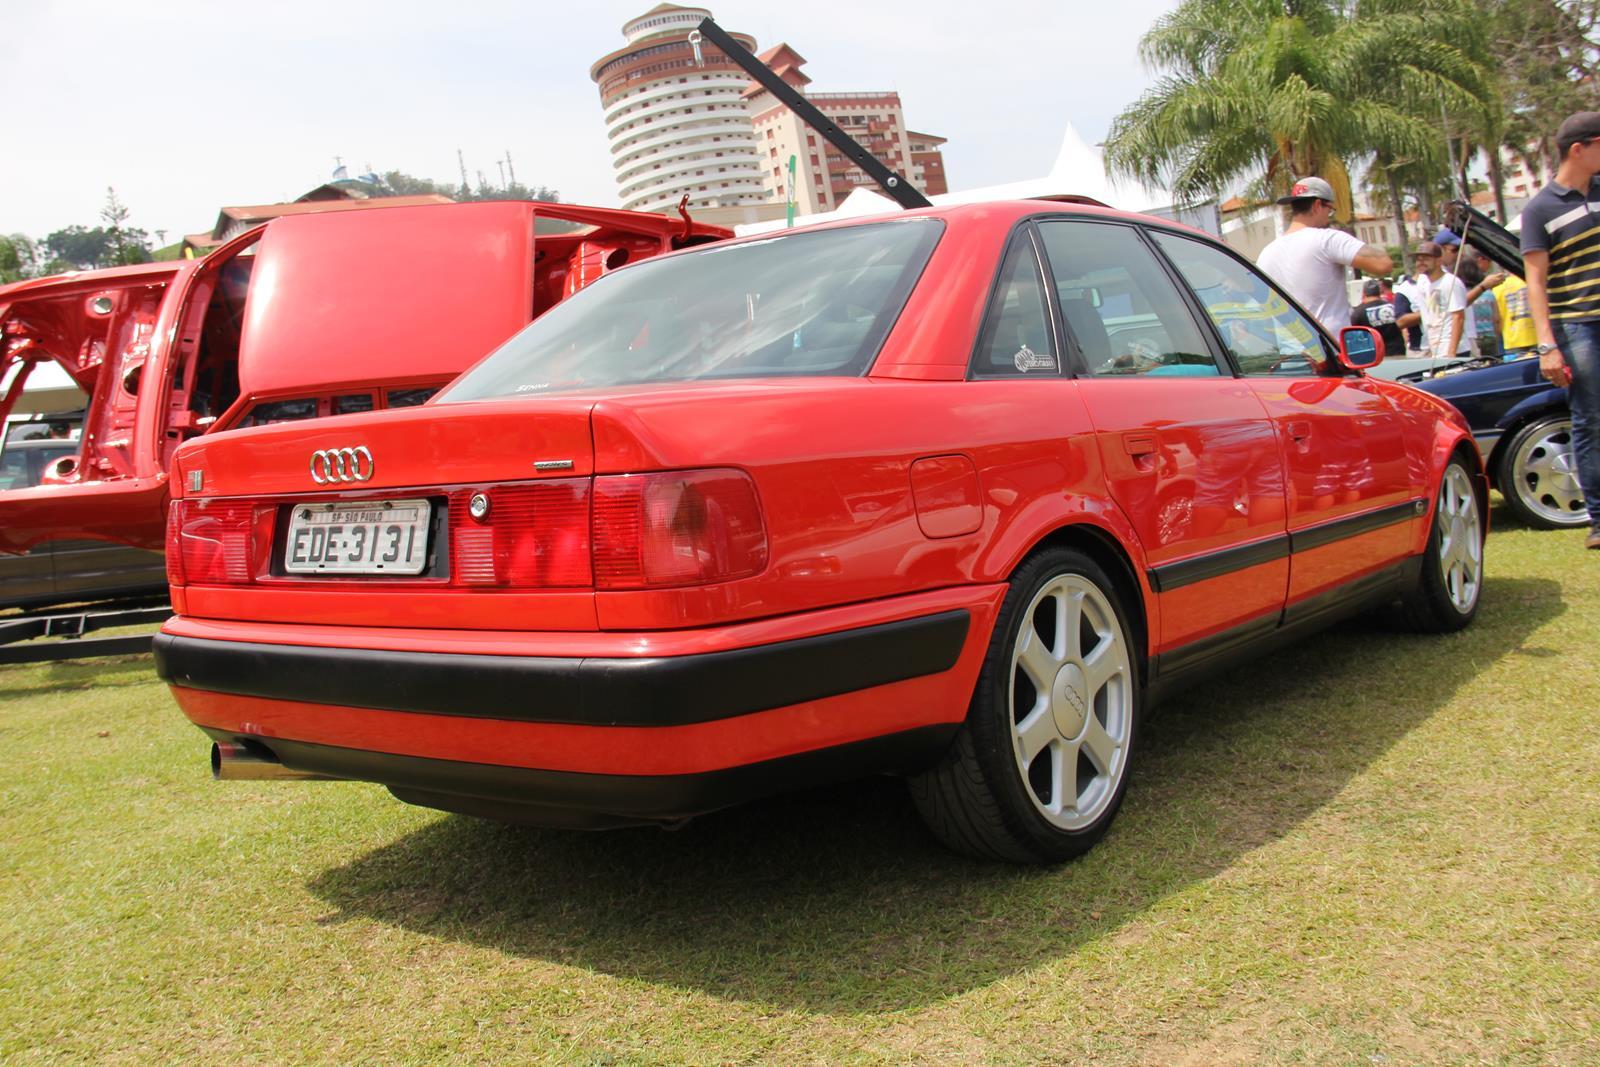 Derivado do Audi 80, o S2 Sedan tinha motor 2.2 turbo de 230 cv em 1994